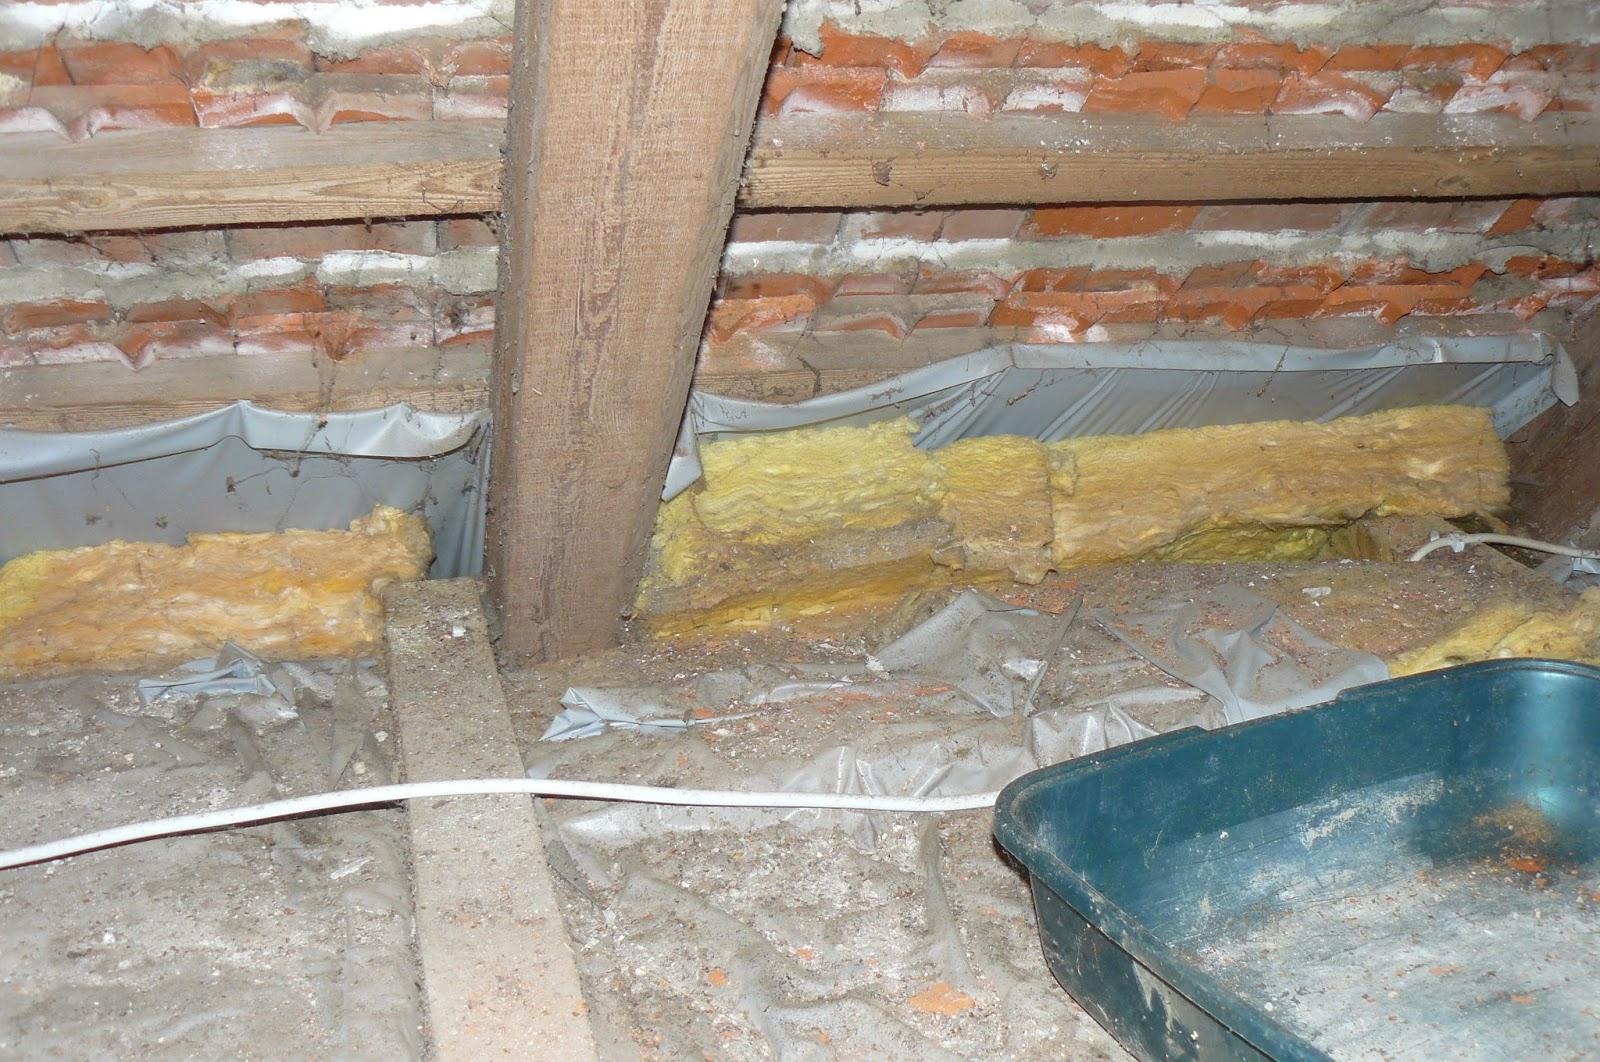 Dachdmmung Von Innen. dachd mmung von innen oder au en ...